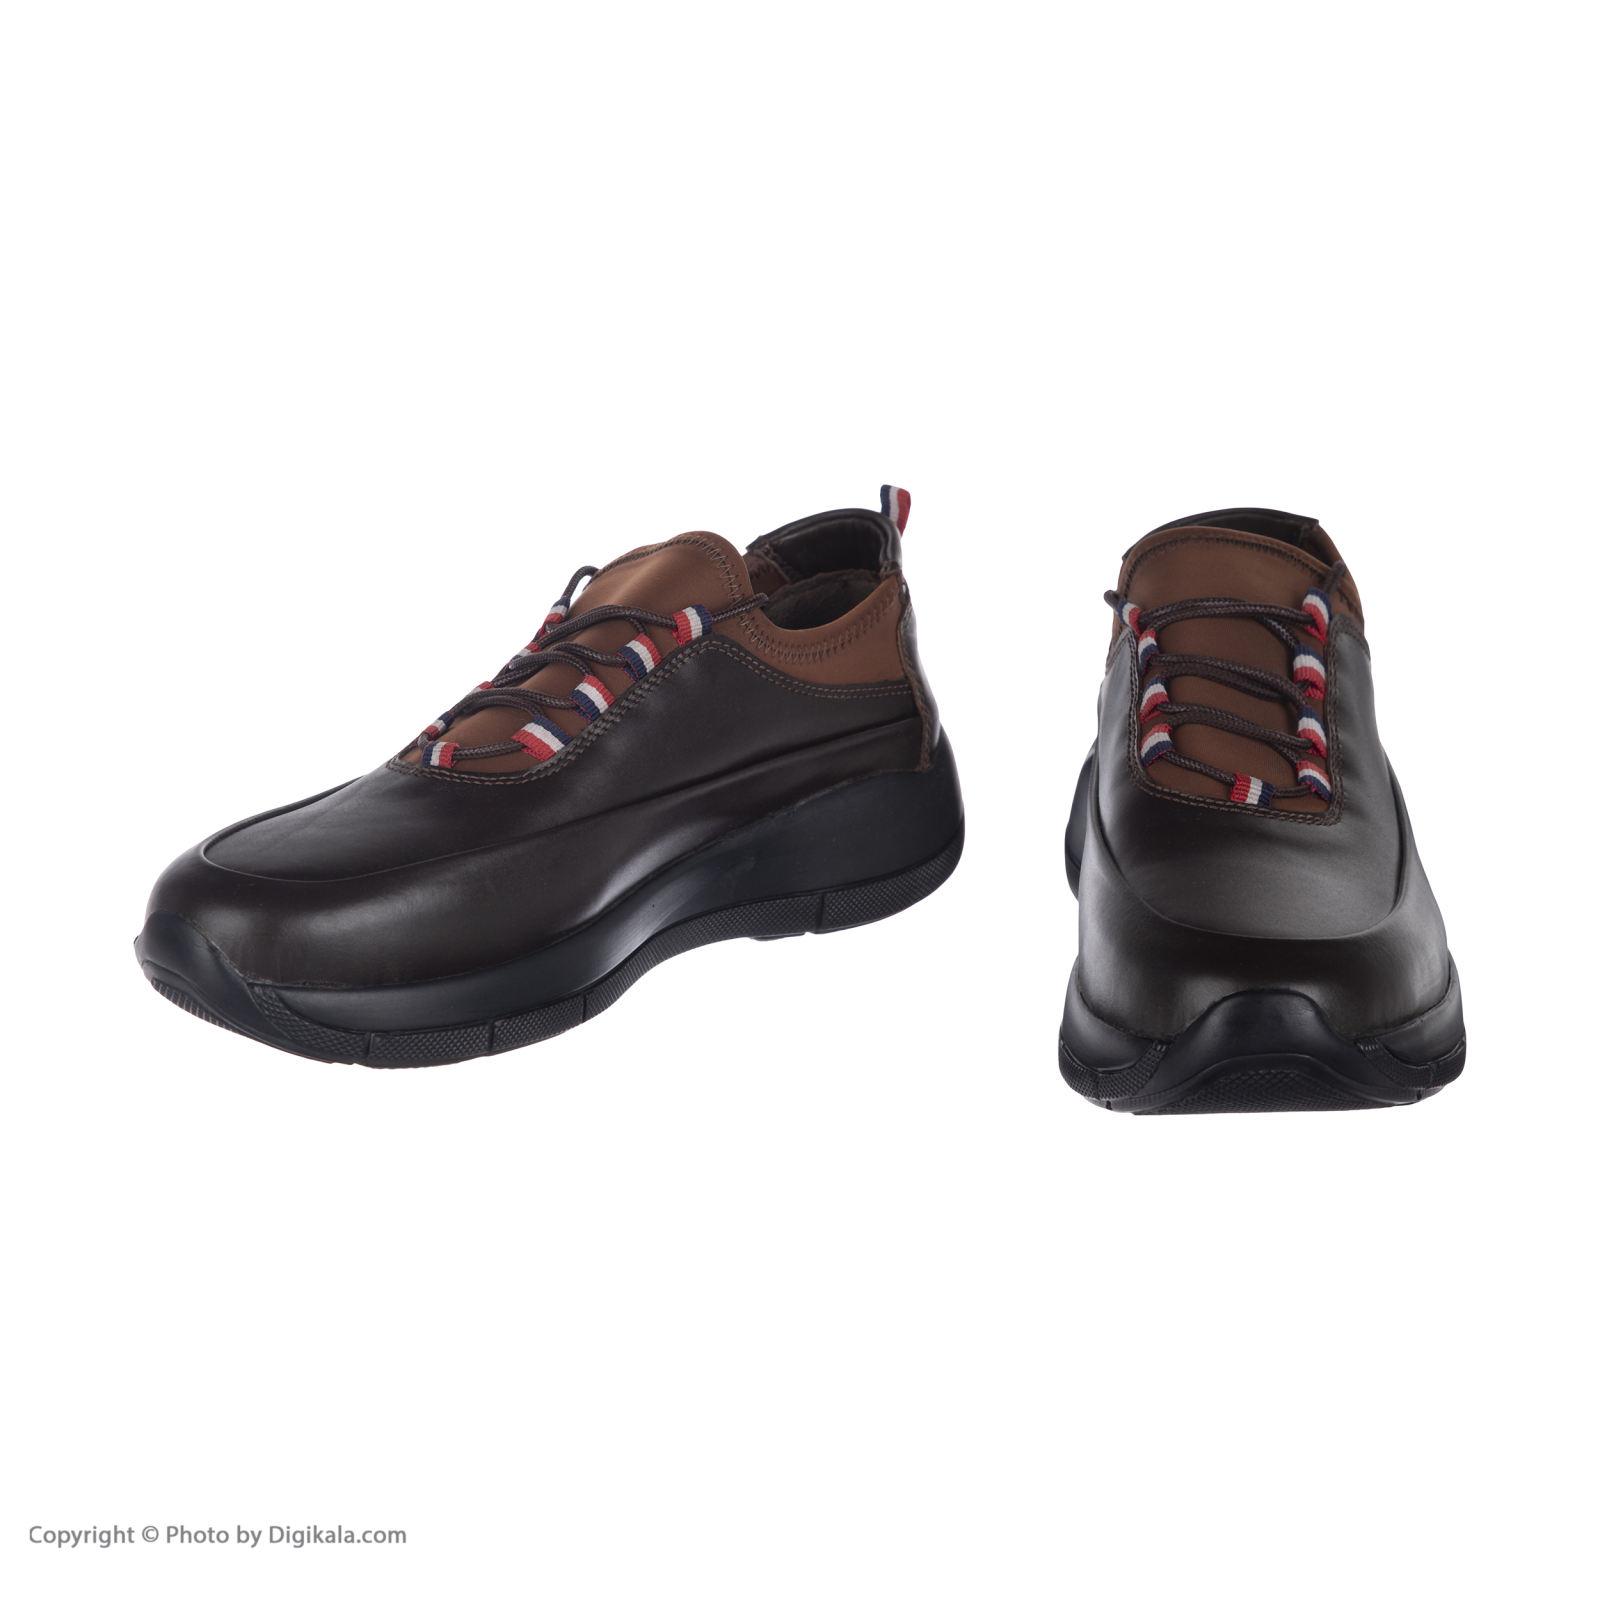 کفش روزمره مردانه دانادل مدل 8607A503104 -  - 5